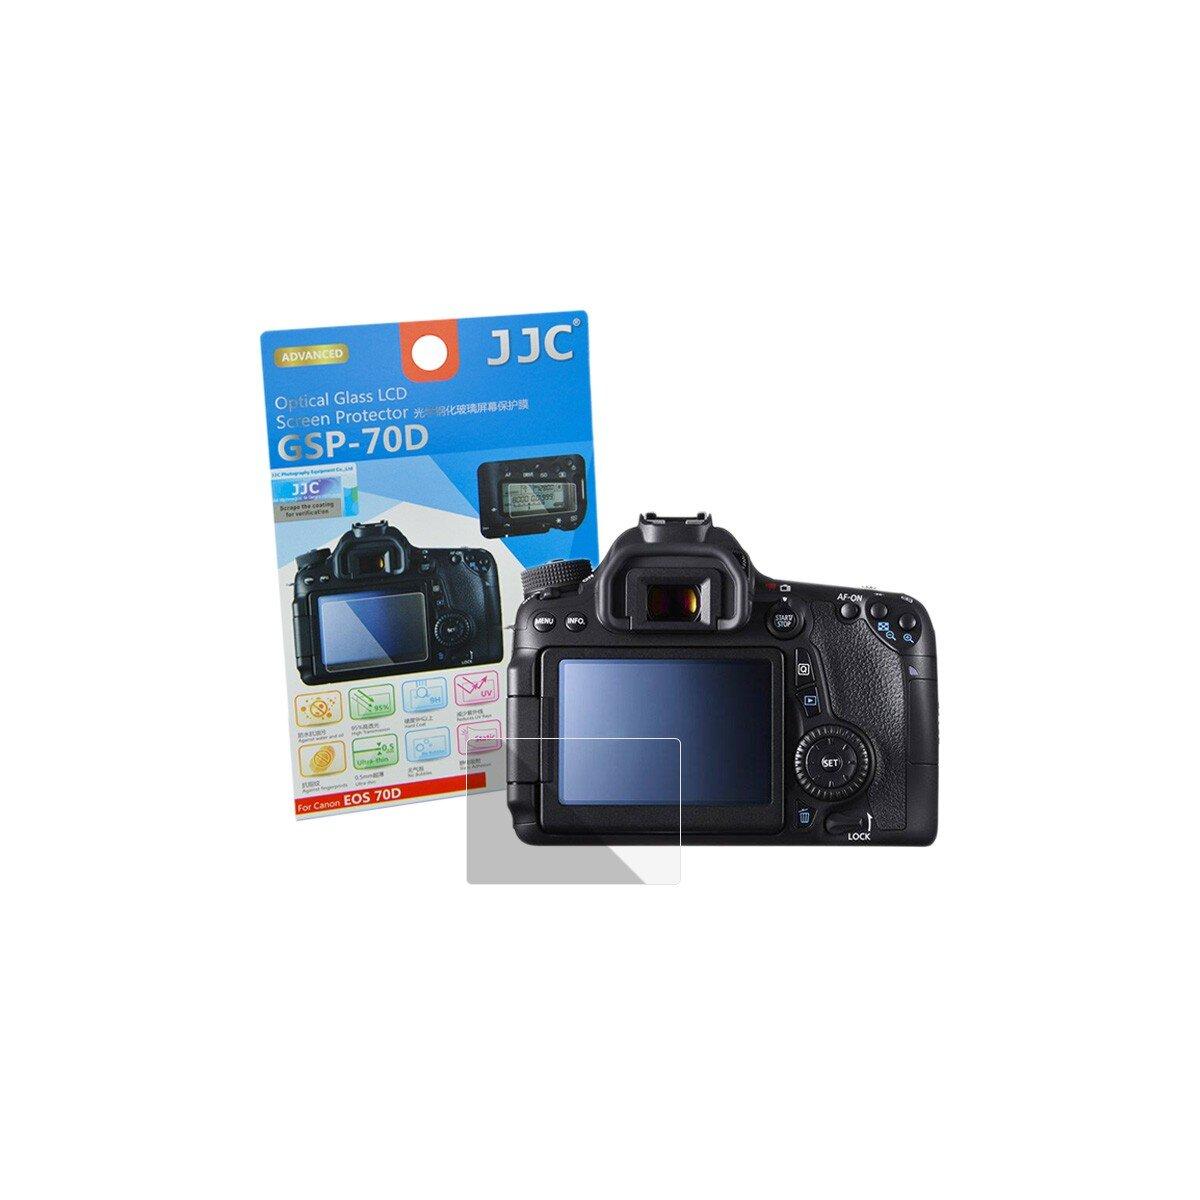 Hochwertiger Displayschutz Screen Protector aus gehaertetem Echtglas, passend fuer Canon EOS 70D